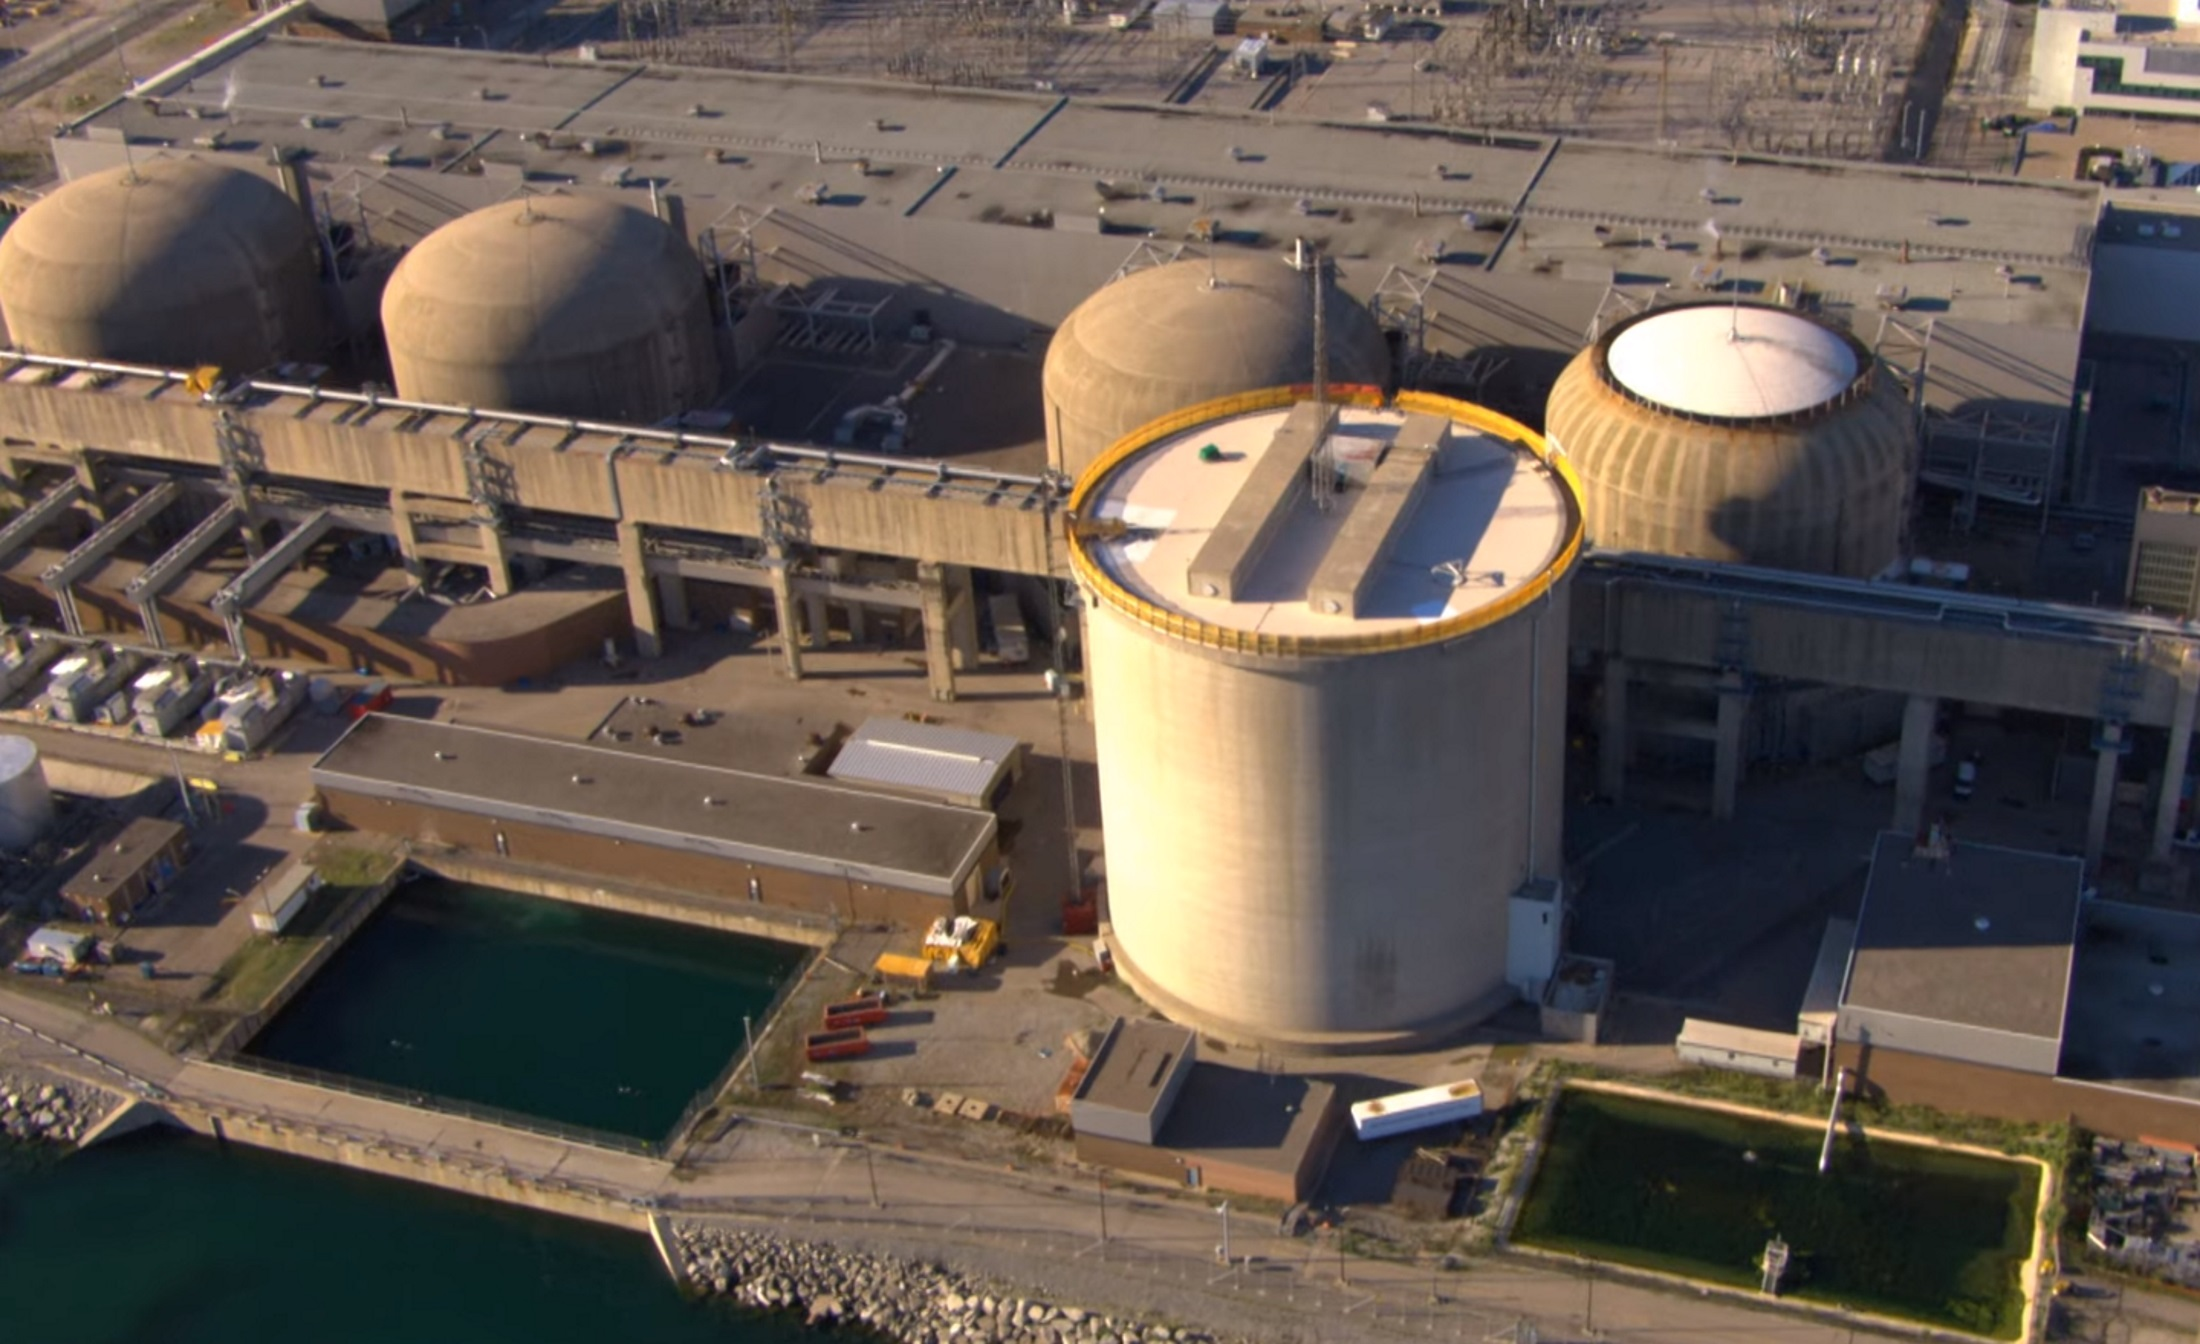 """Συναγερμός για """"περιστατικό"""" σε πυρηνικό σταθμό στο Οντάριο [Video]"""